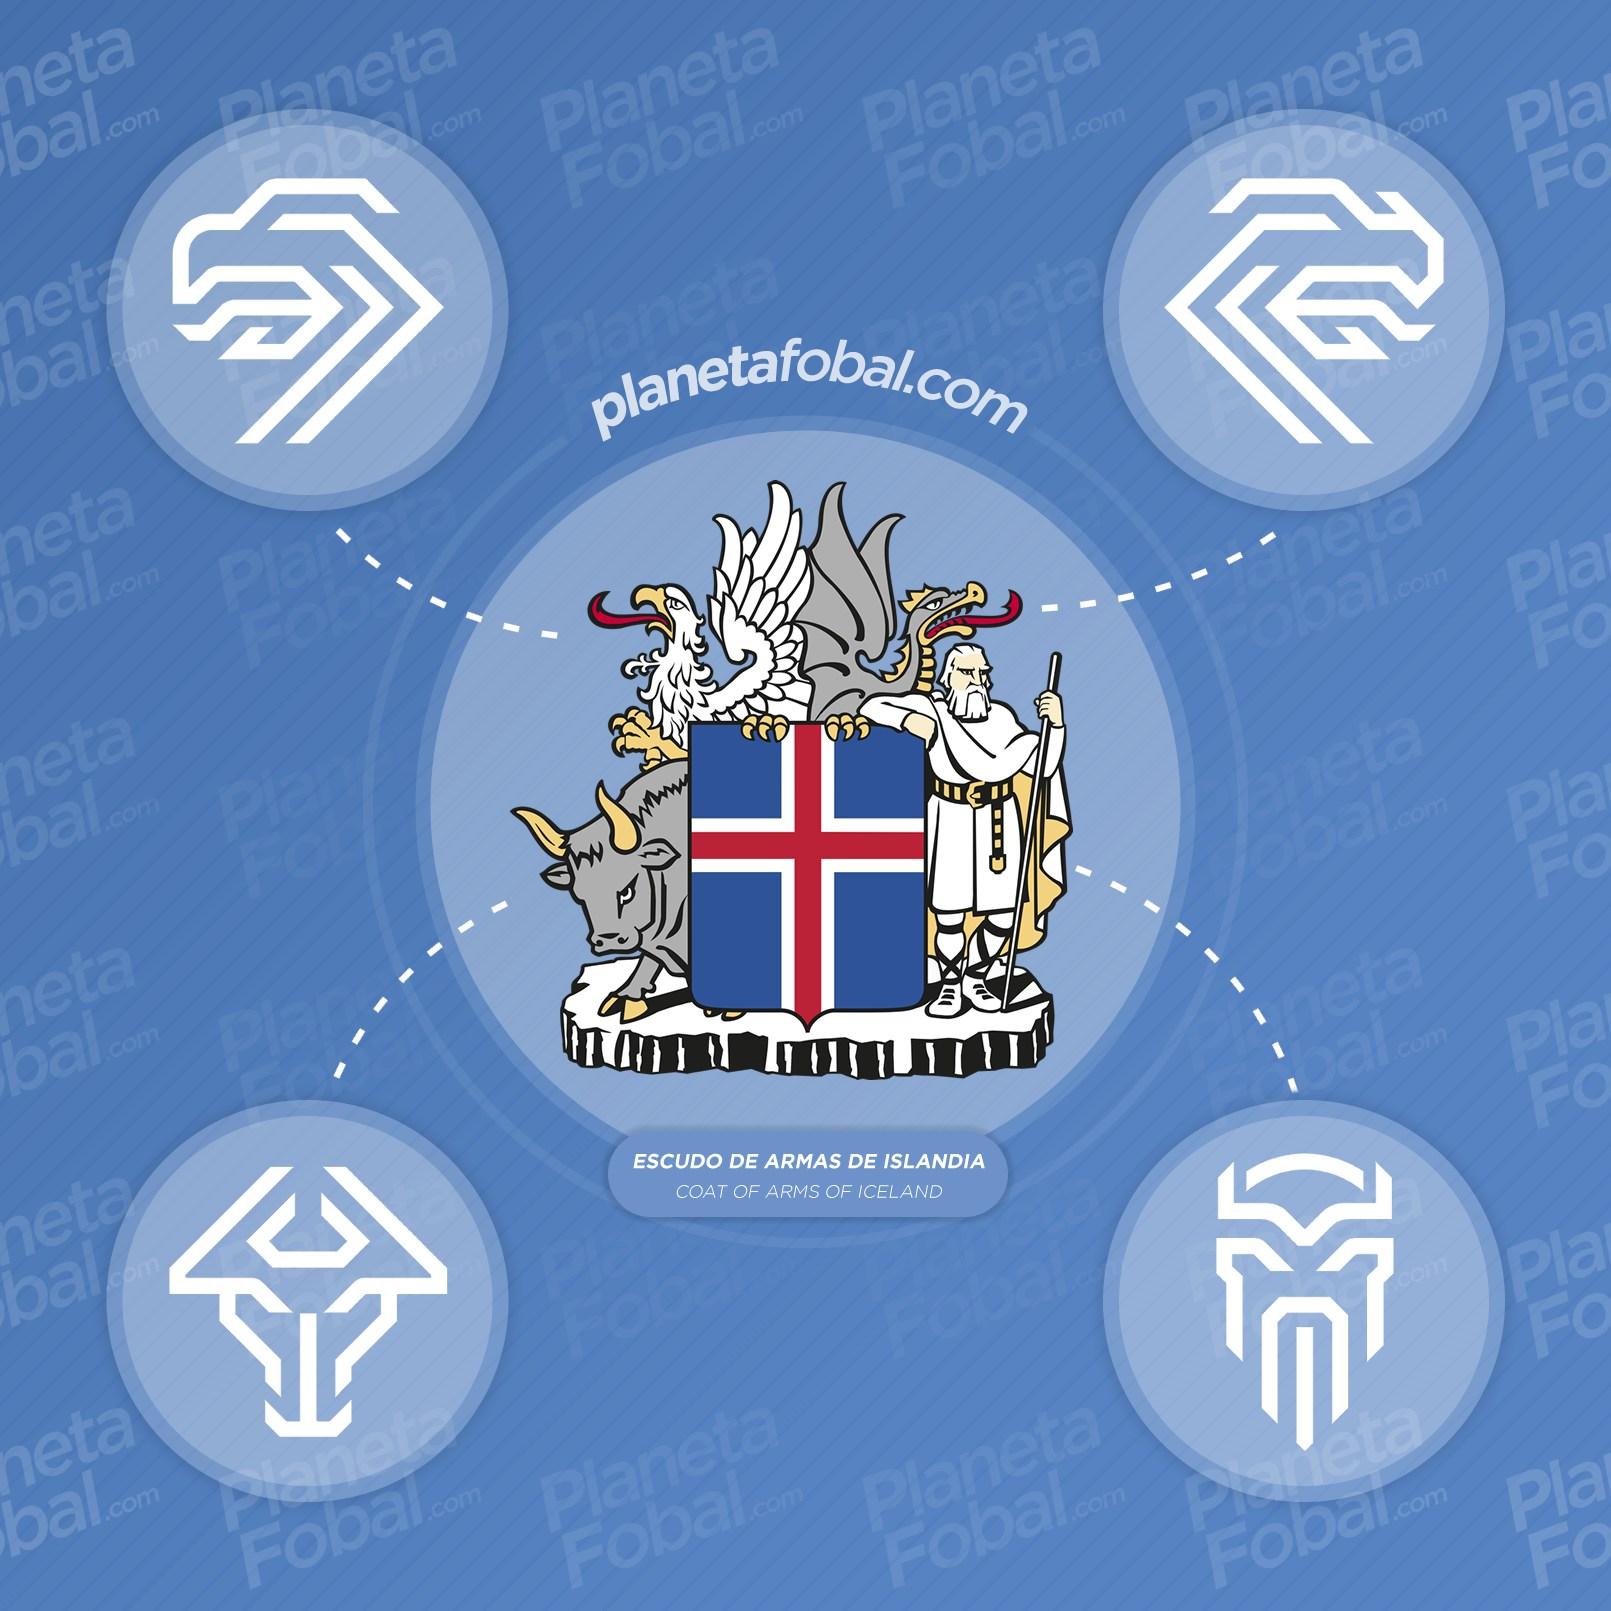 Está inspirado en el escudo de armas de Islandia